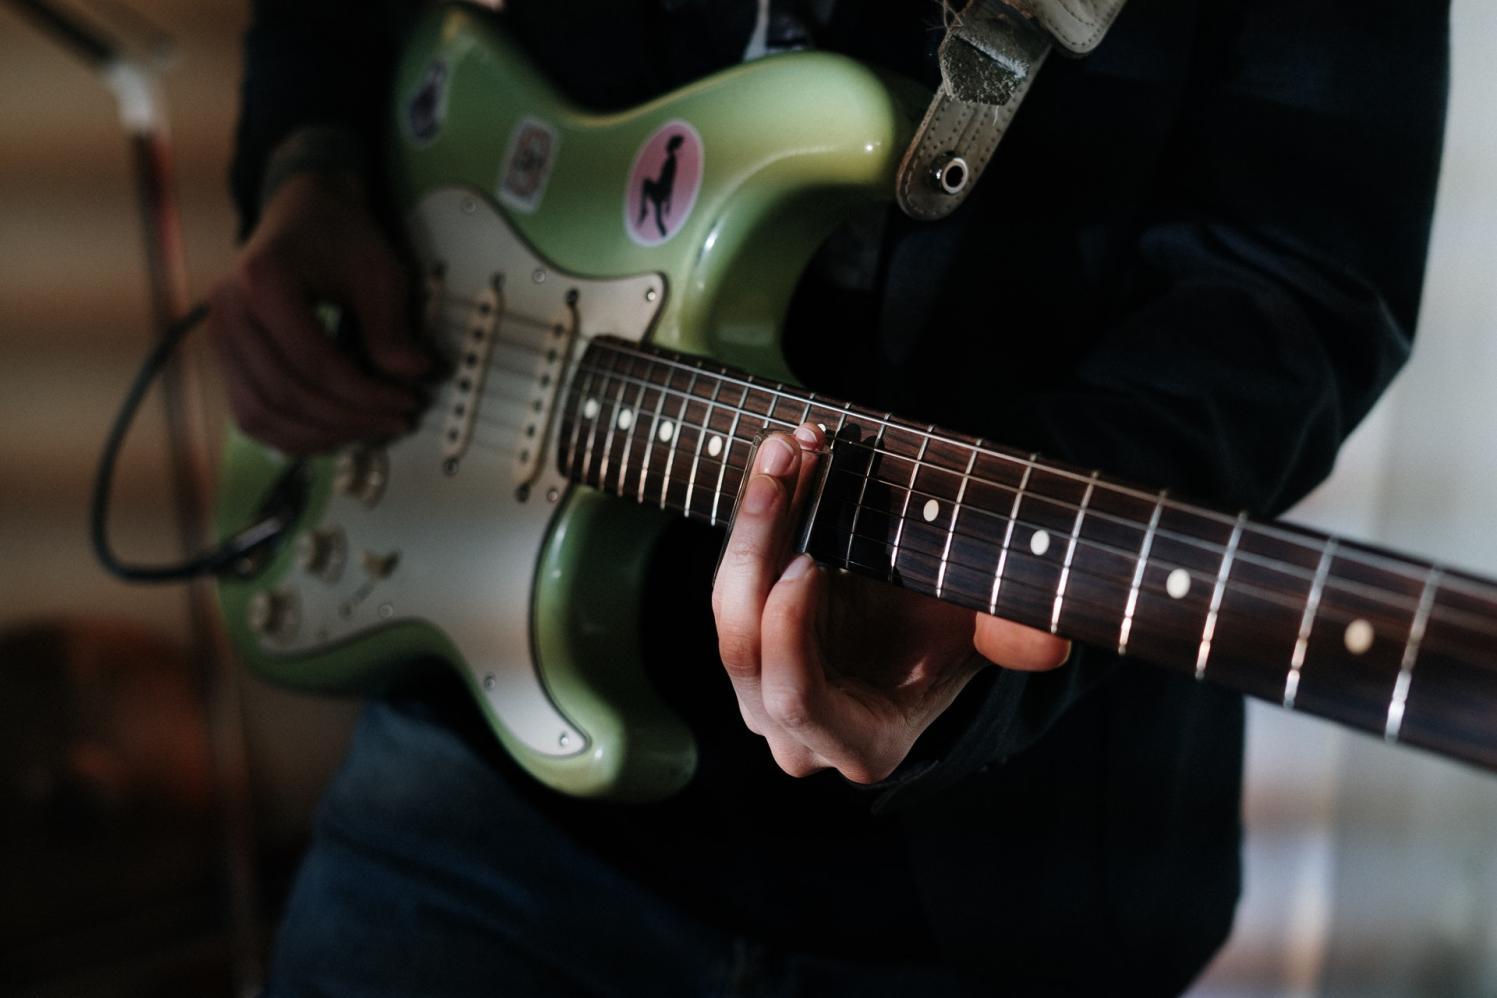 Quarentena faz disparar venda online instrumentos musicais, alimentos e bebidas e brinquedos, aponta estudo